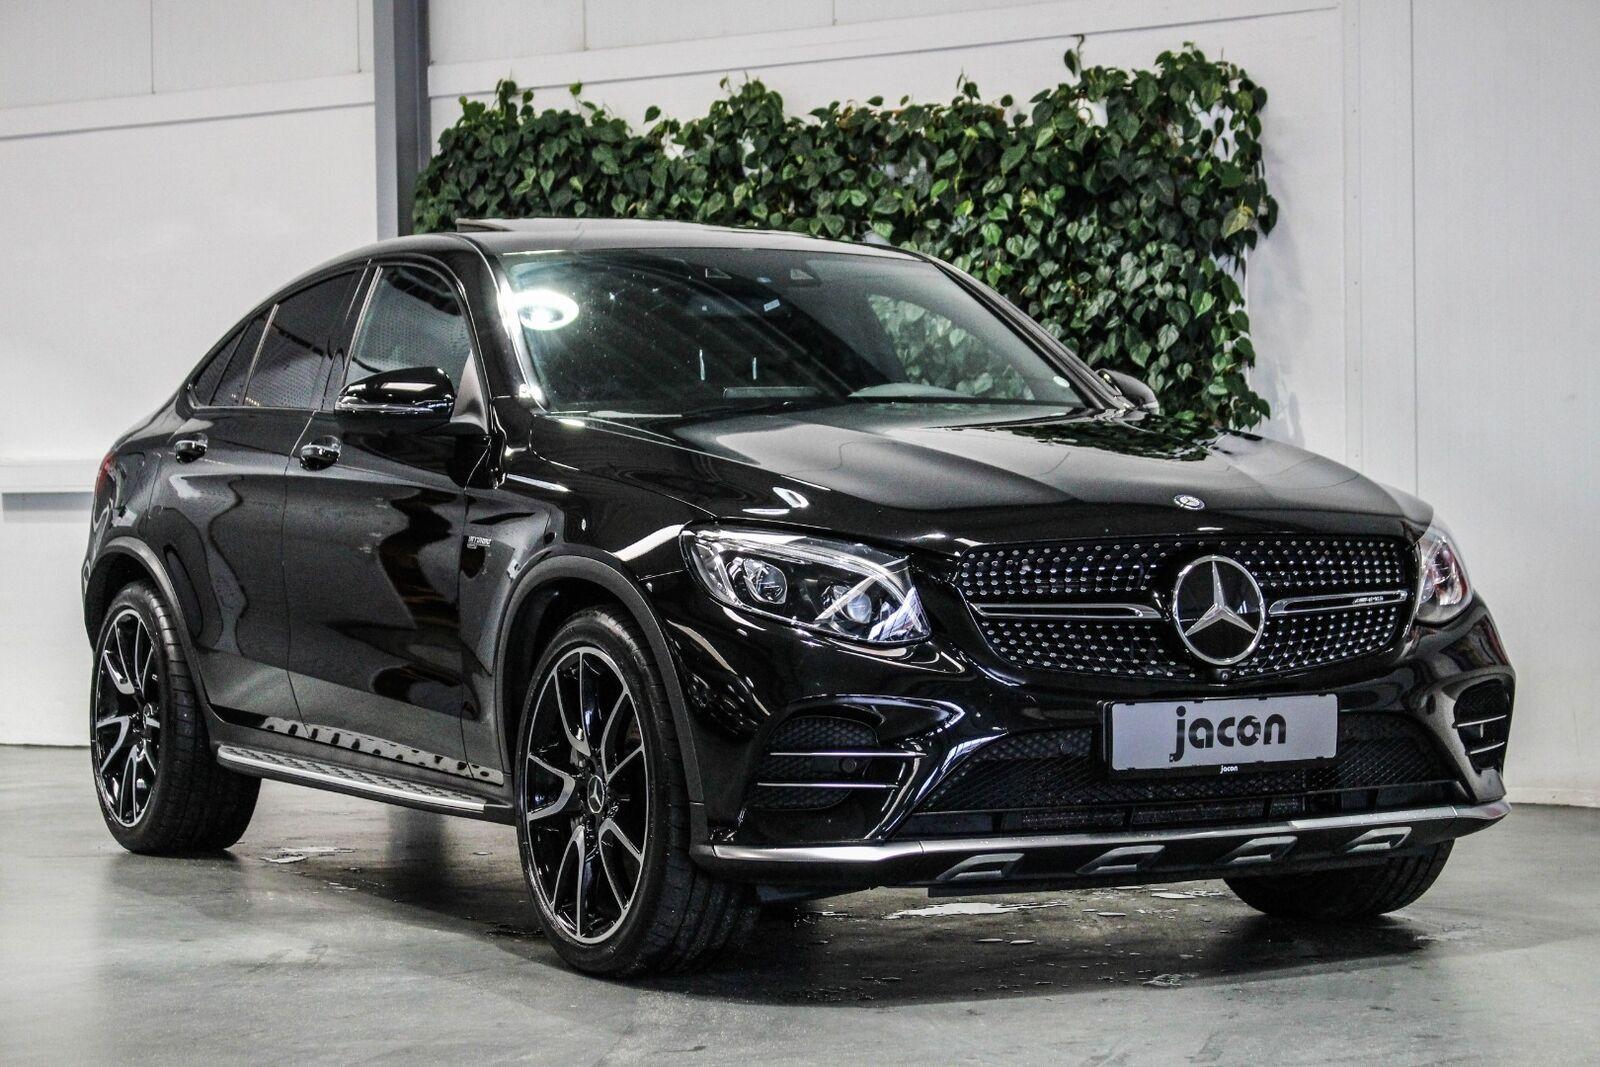 Mercedes GLC43 3,0 AMG Coupé aut. 4-M 5d - 5.399 kr.